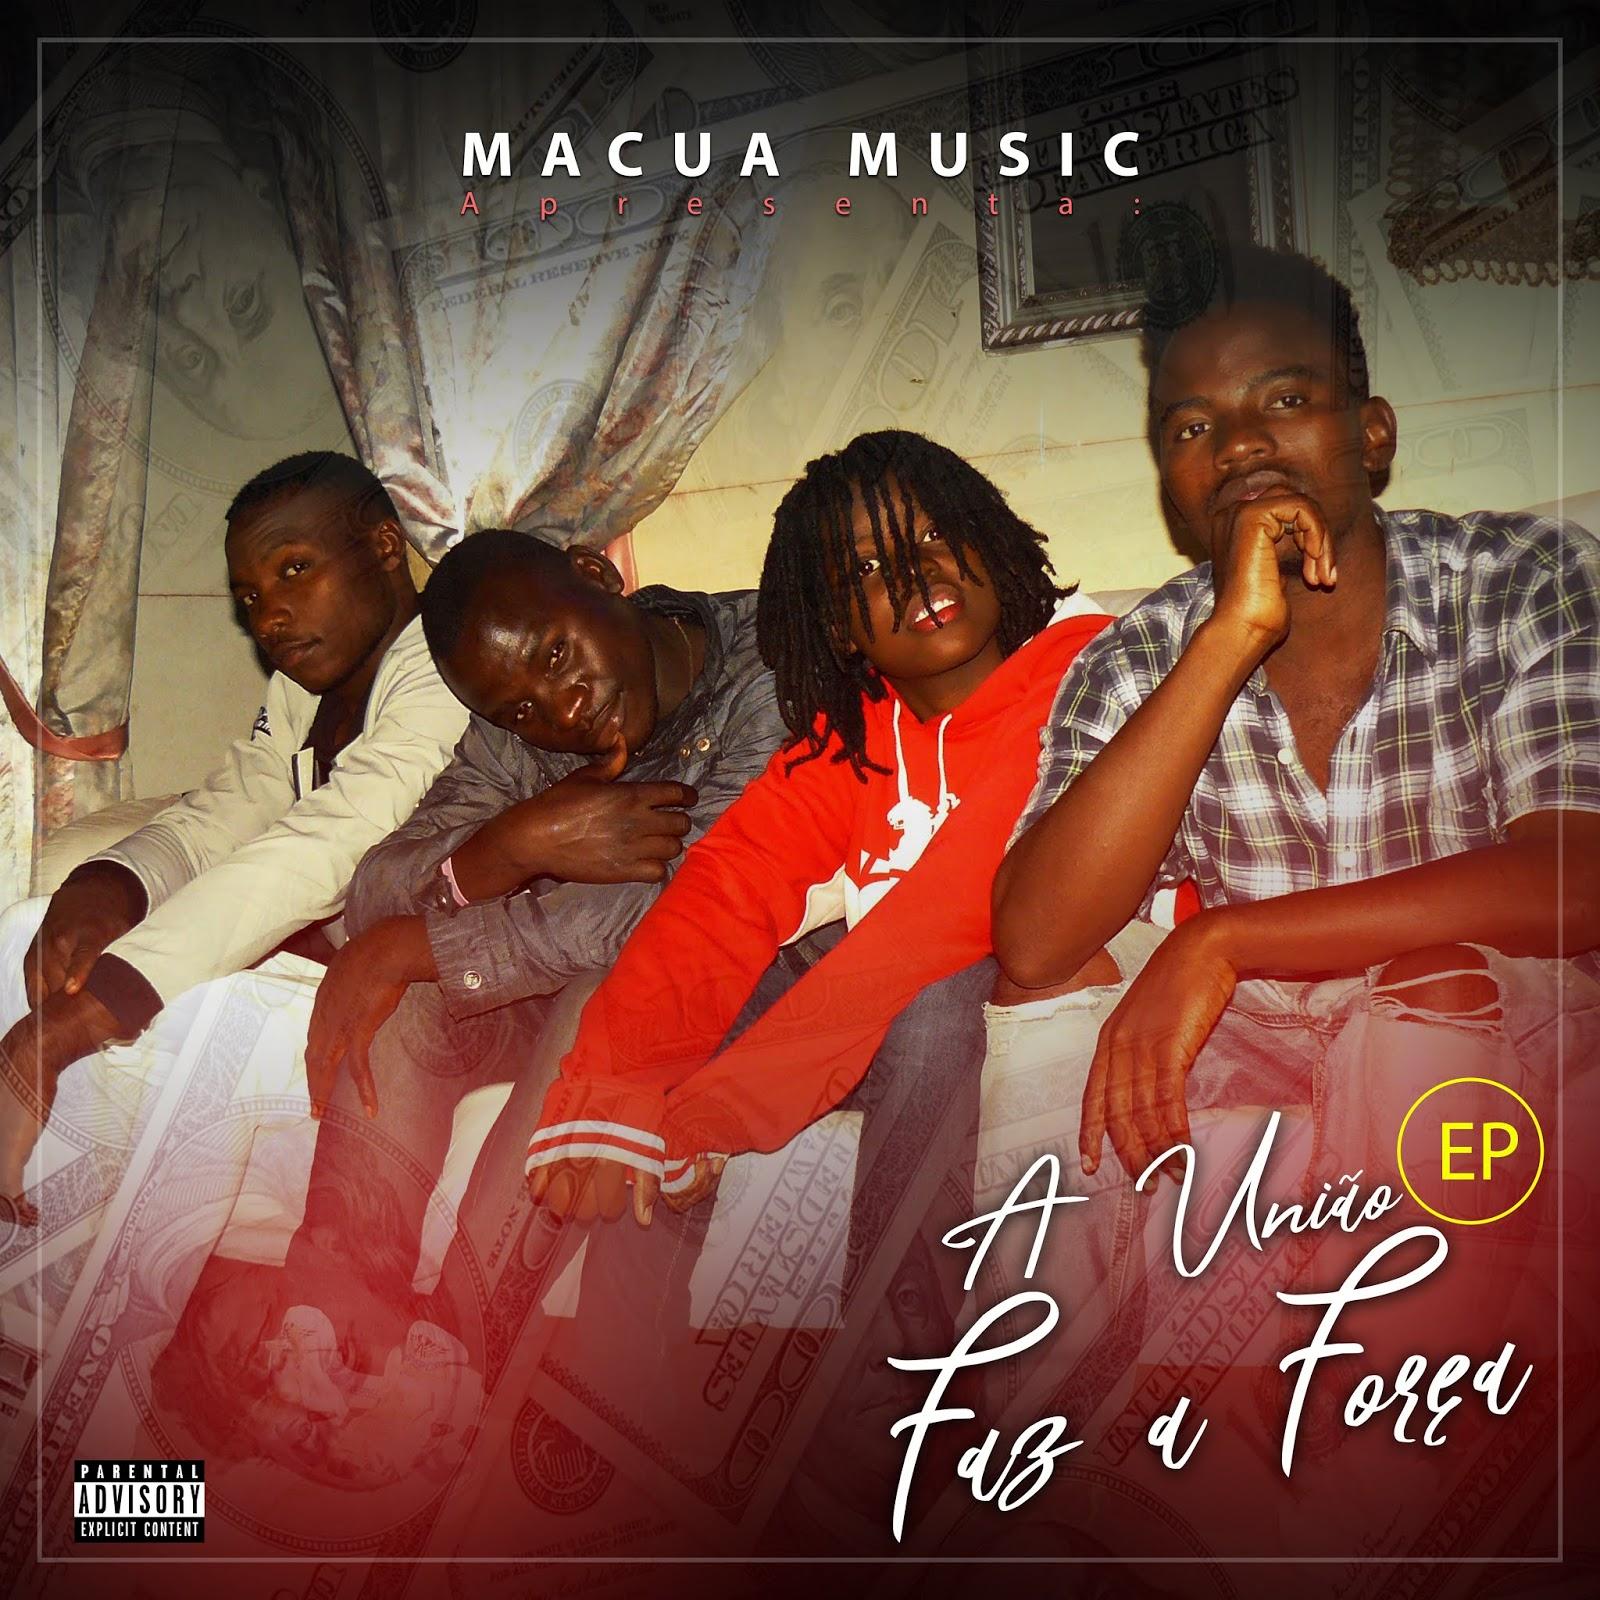 Macua Music - União faz a força - EP - (2o18) - Download